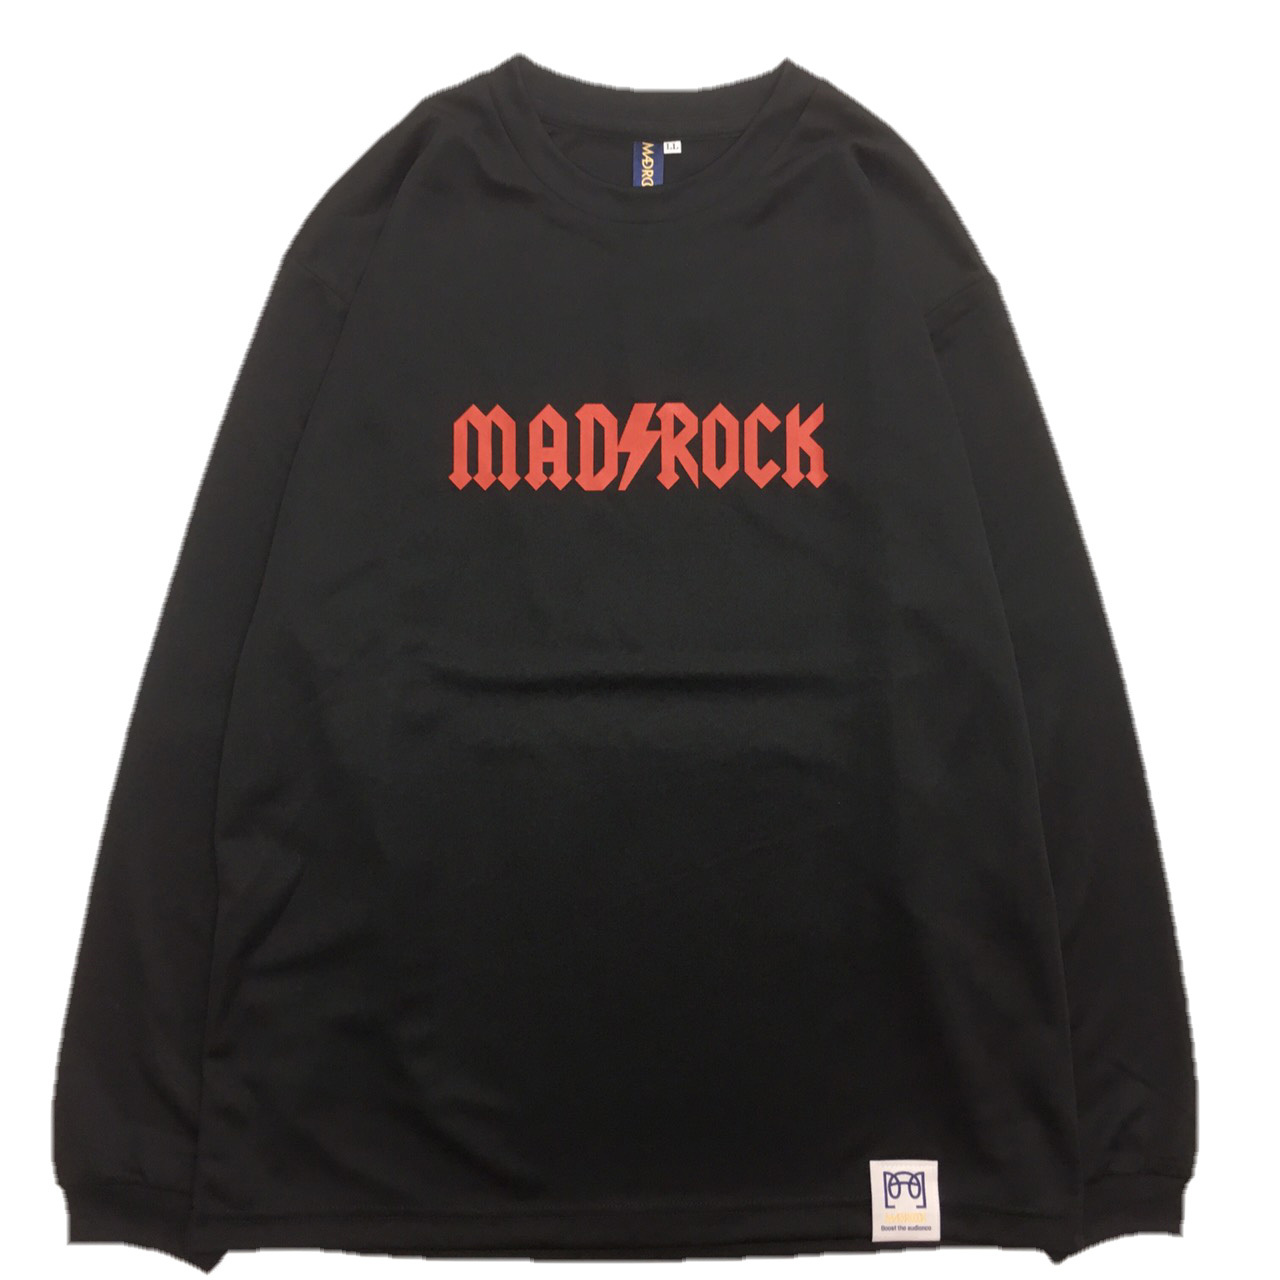 マッドロック / AMPERE(アンペア) LOGO ロンT / ドライタイプ / ブラック